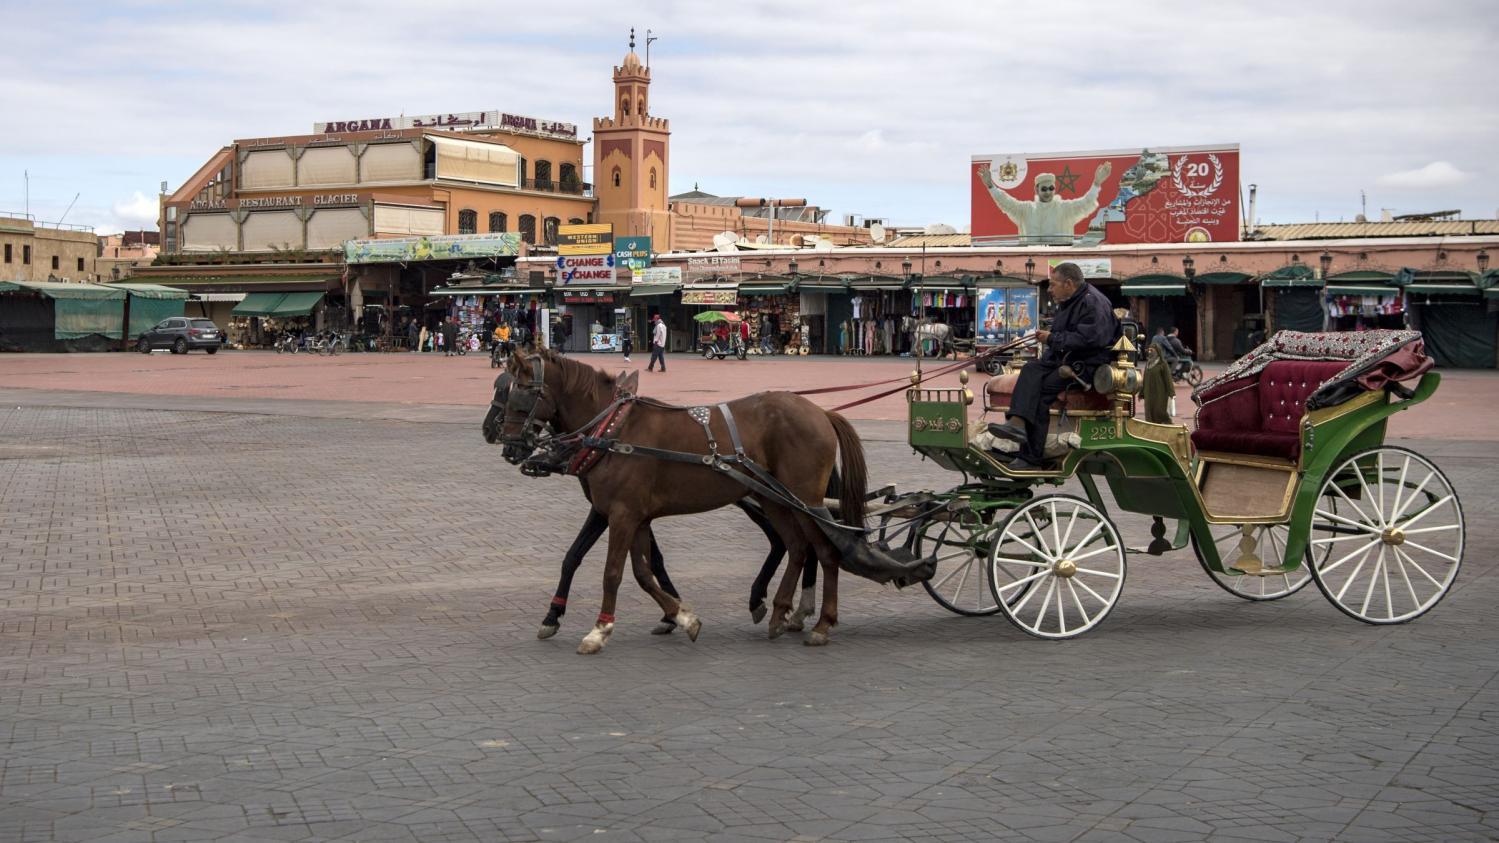 Maroc : après 4 mois de confinement, l'économie est en récession, le gouvernement annonce un plan de relance